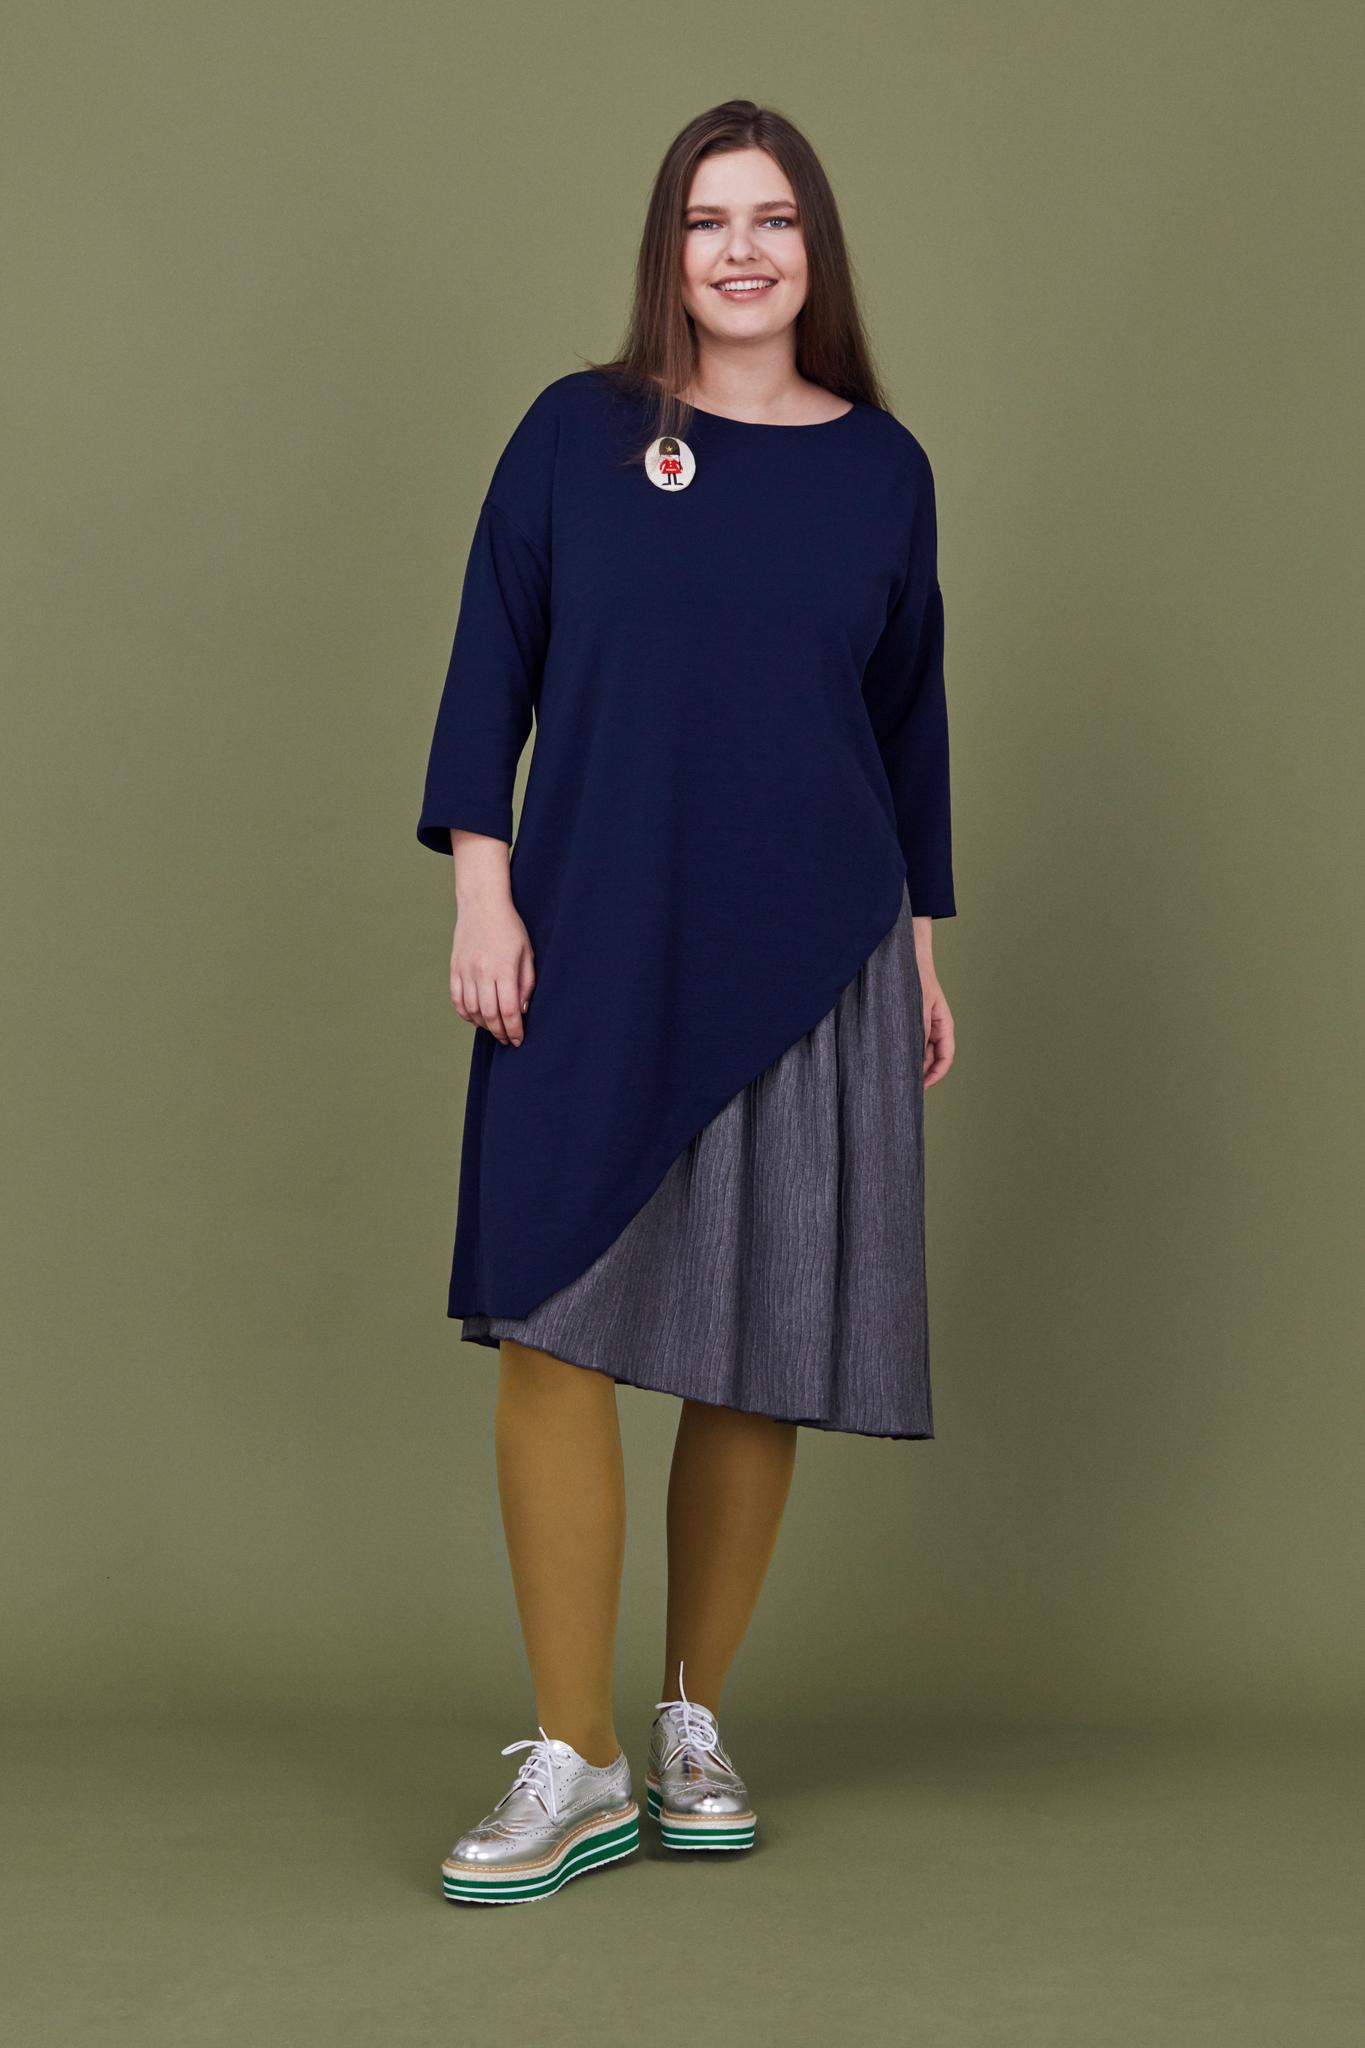 Платье LE-07 D01 20/06Хиты продаж<br>Двухслойное платье с чуть приспущенным плечом и рукавом 5/6. Сочетание разных фактур и плотности, правильной геометрии кроя и легкости второго слоя - творят чудеса и придают образу нужную сложность. Сочетается с любой обувью и аксессуарами. Рост модели на фото 178 см, размер 54 (российский).<br>